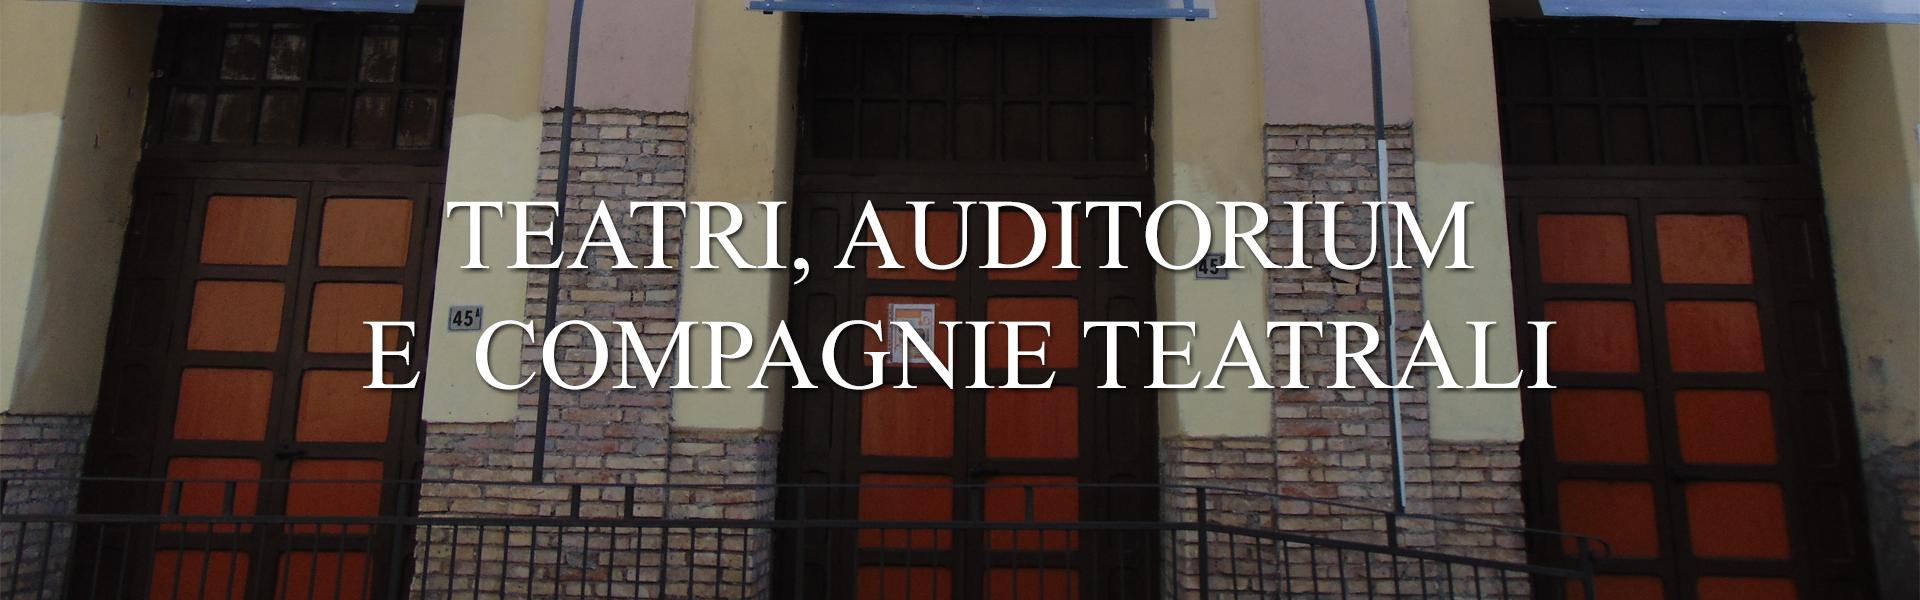 montelanico-cultura-teatroauditoriumecompagnieteatrali-1920x600